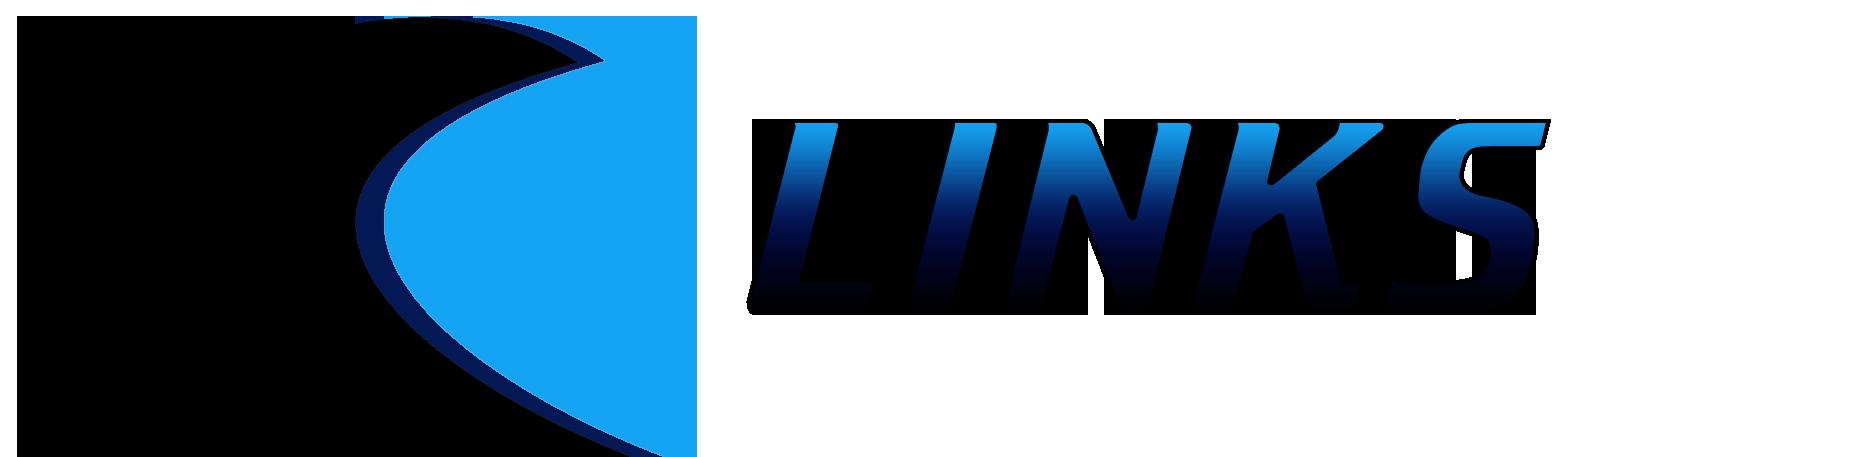 - Tides Web Links